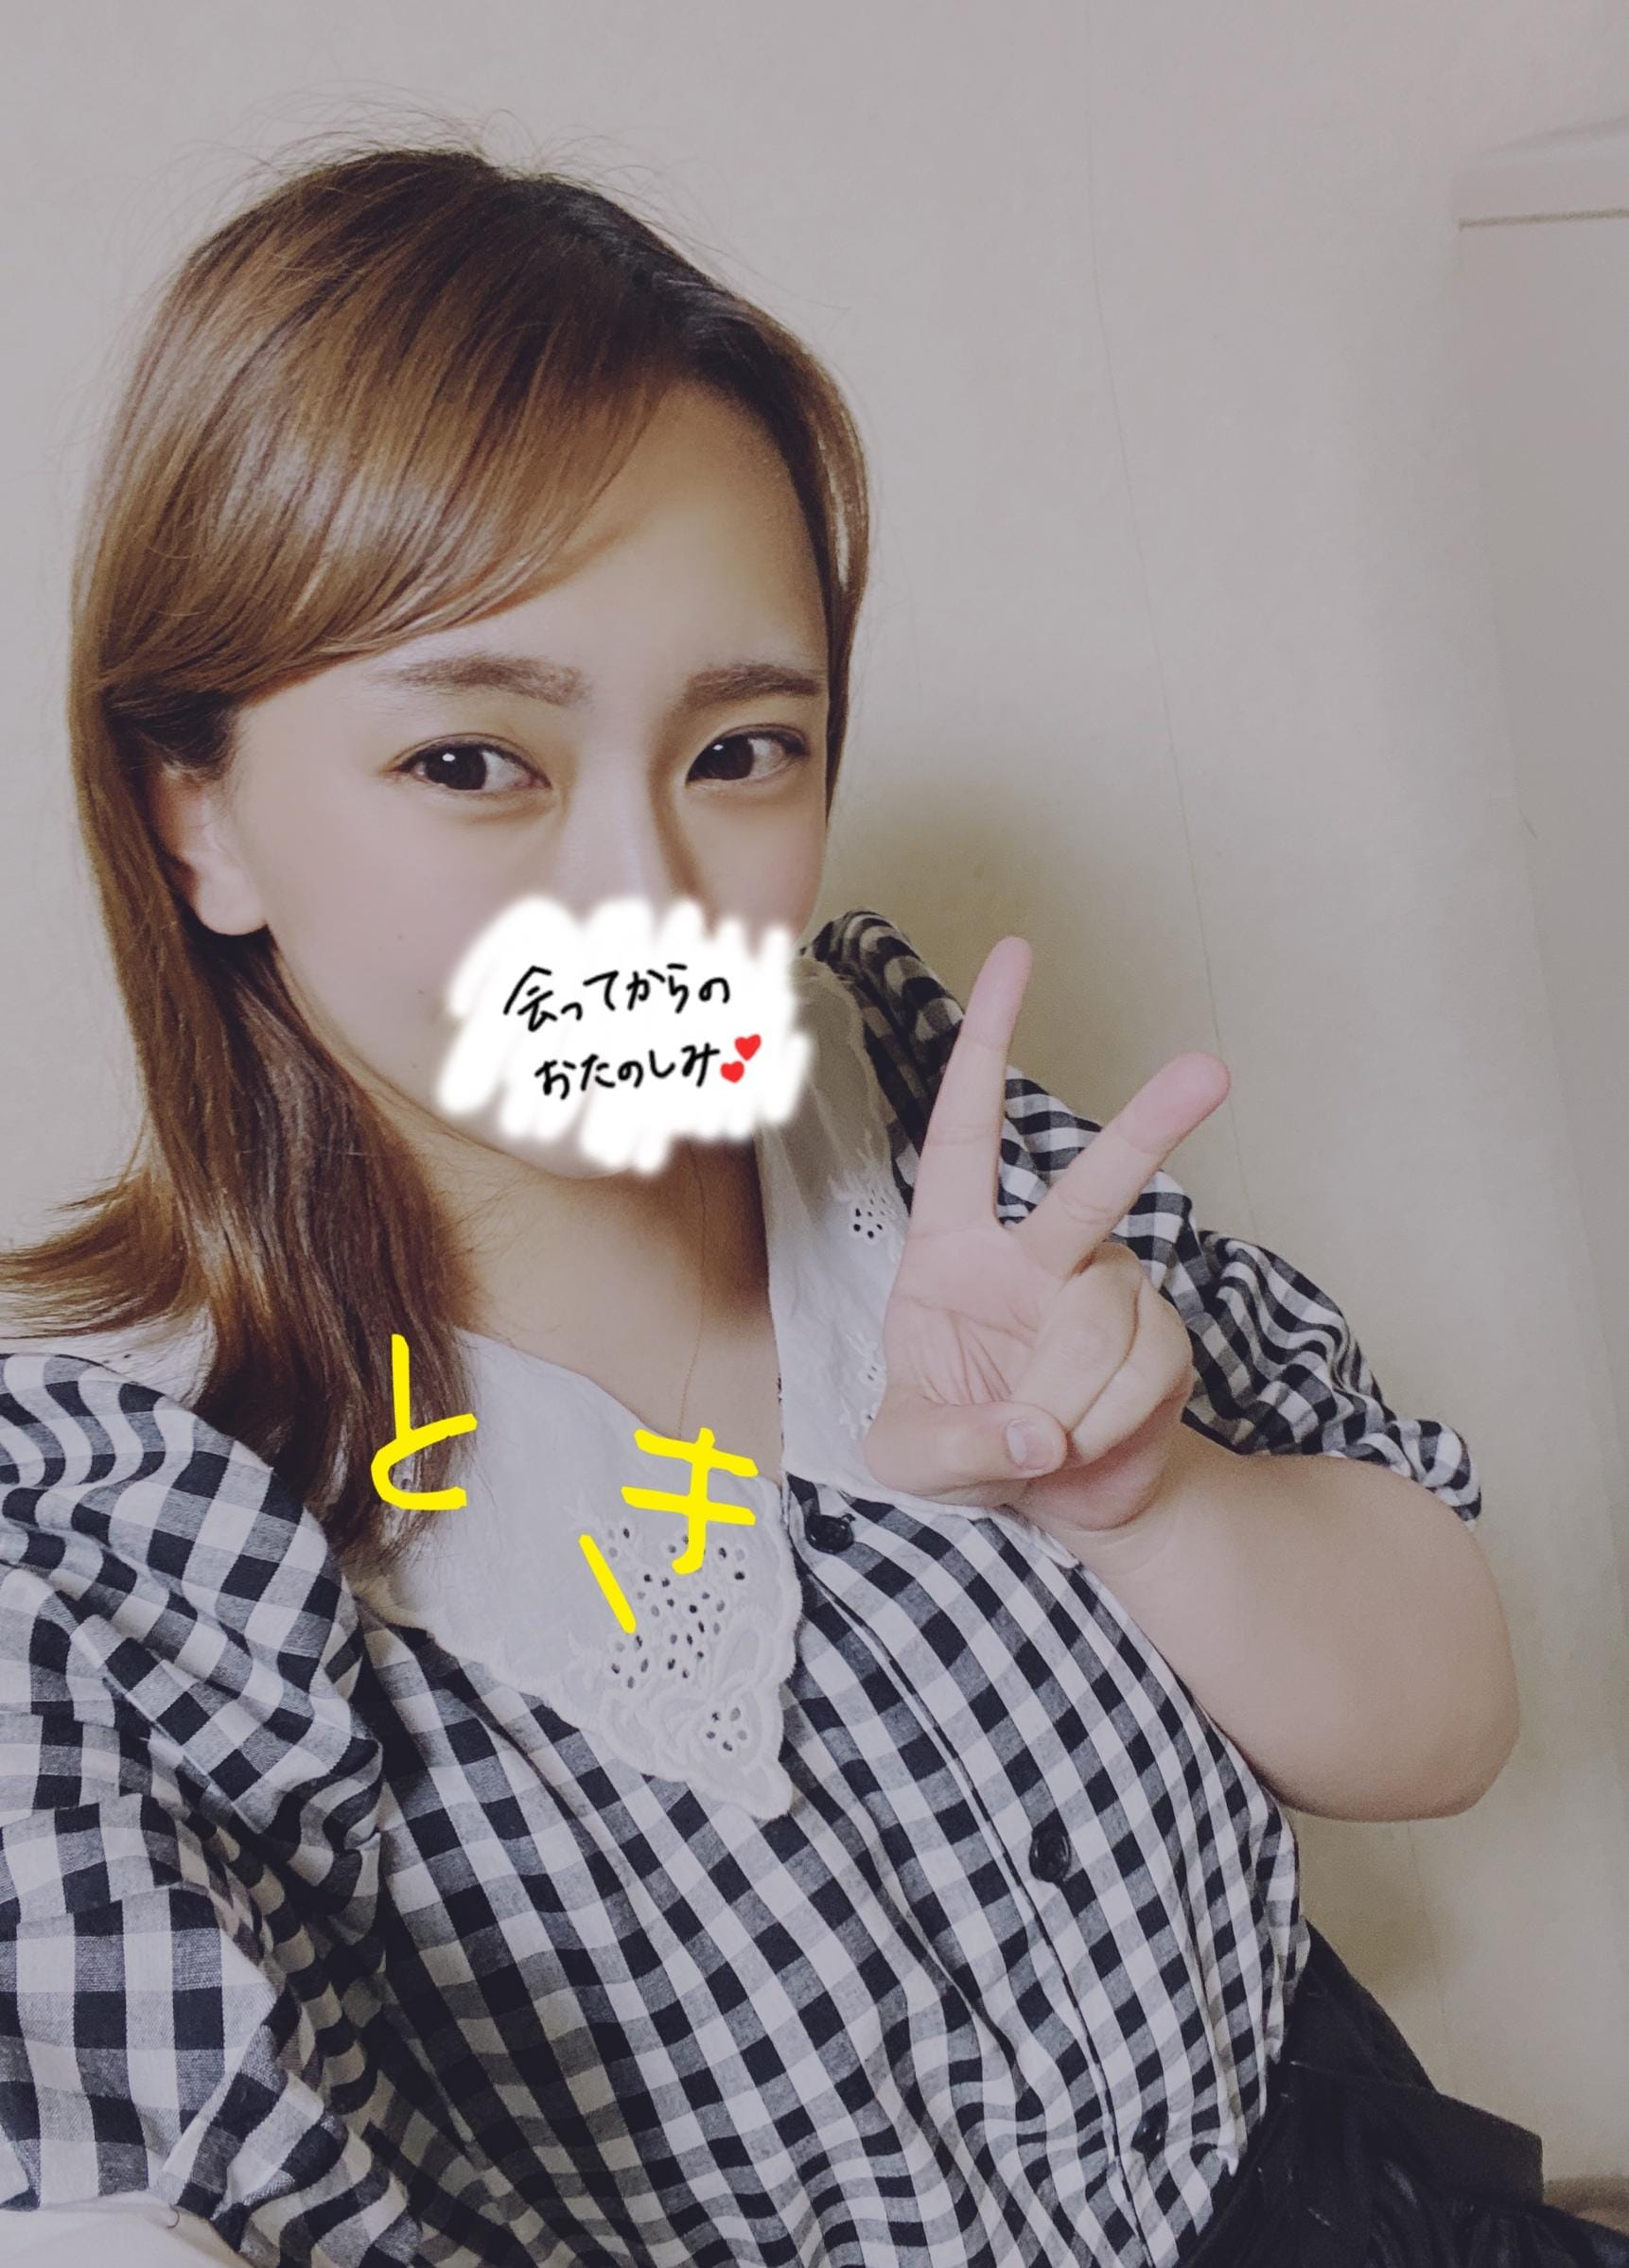 「これから!」06/24(木) 23:59   とき ☆ニコニコ笑顔Eカップ☆の写メ